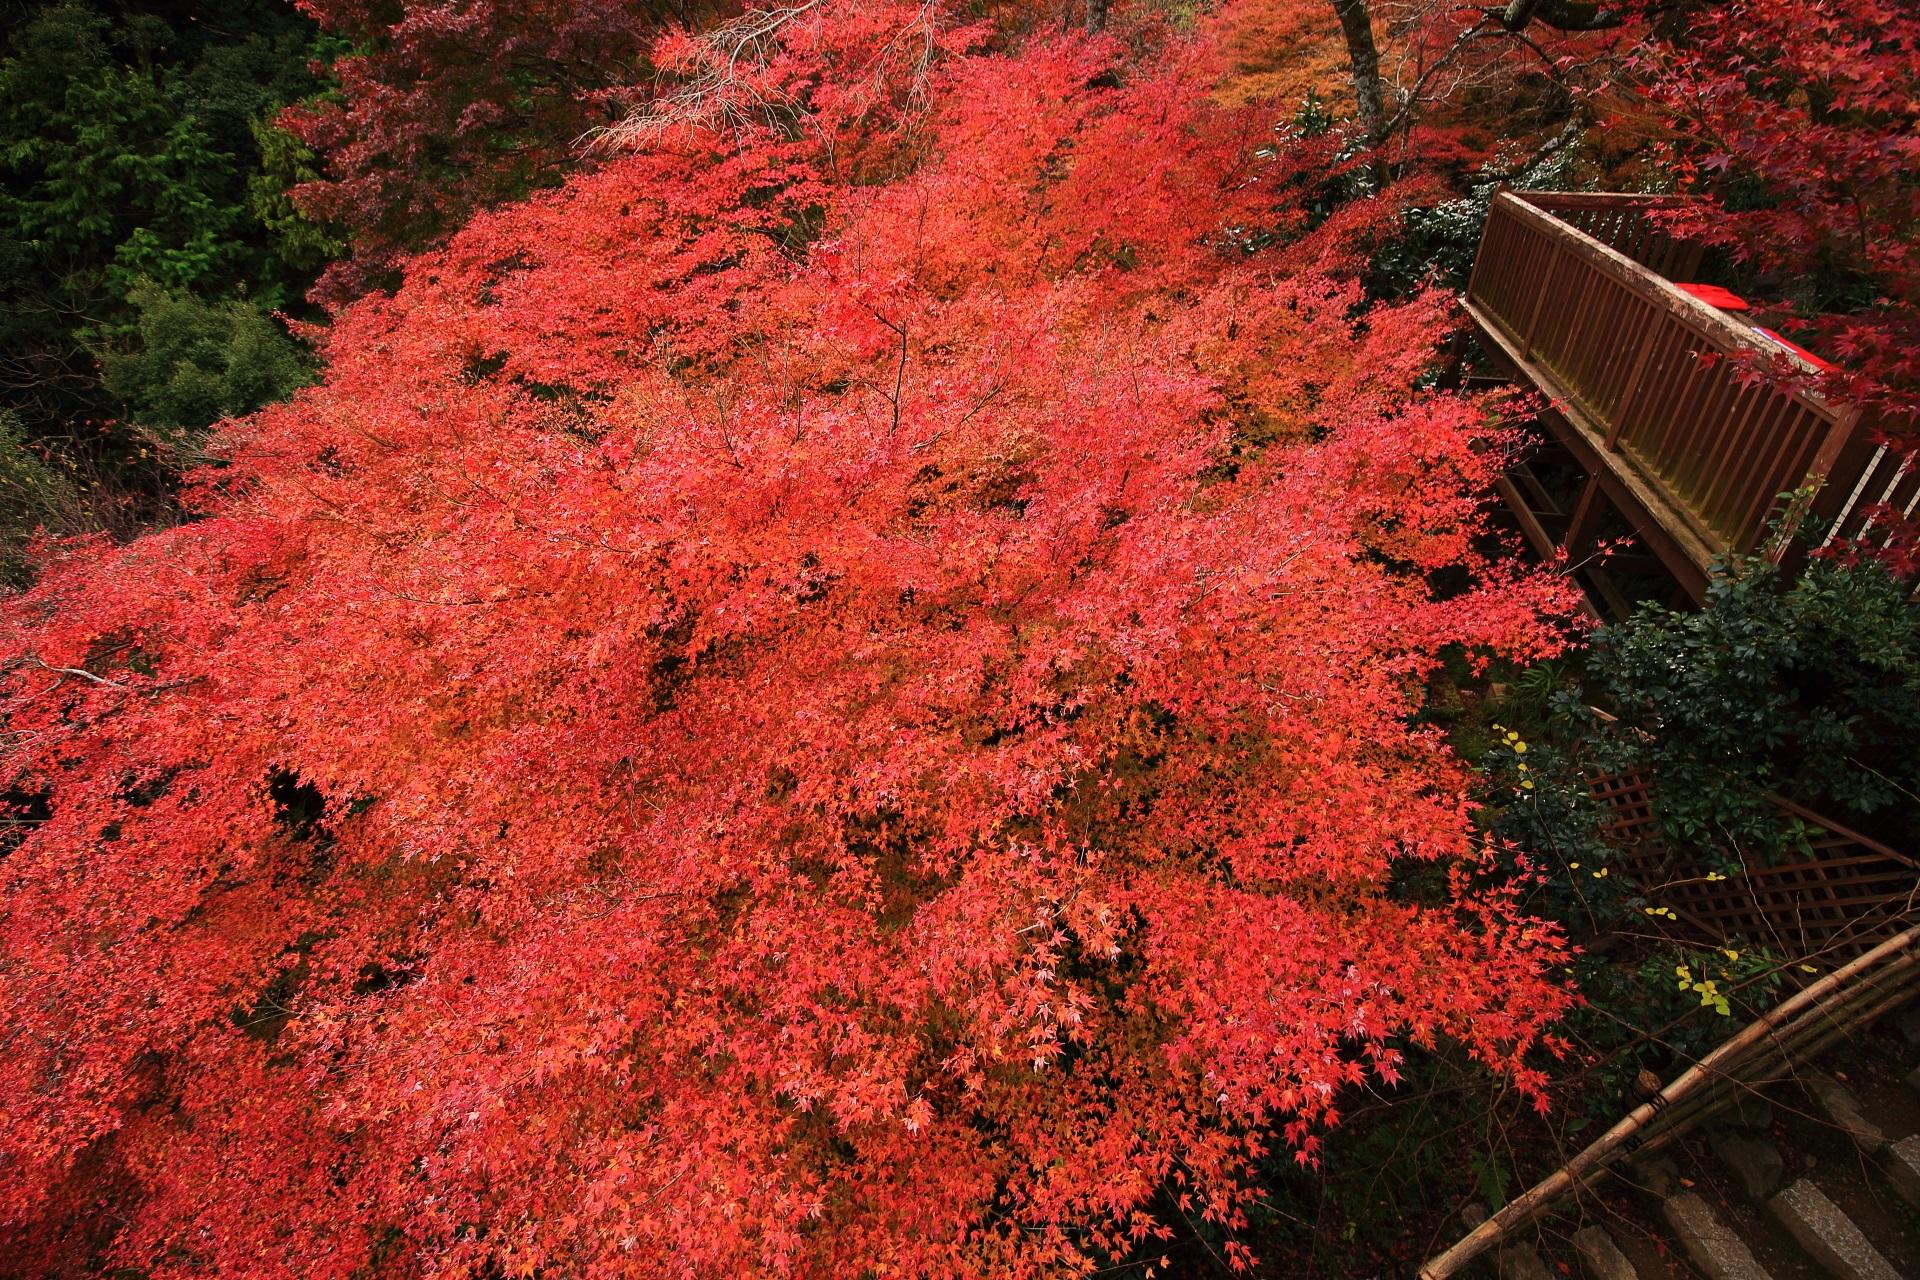 大悲閣千光寺の客殿から眺める茶所前の赤い絨毯のように広がる紅葉